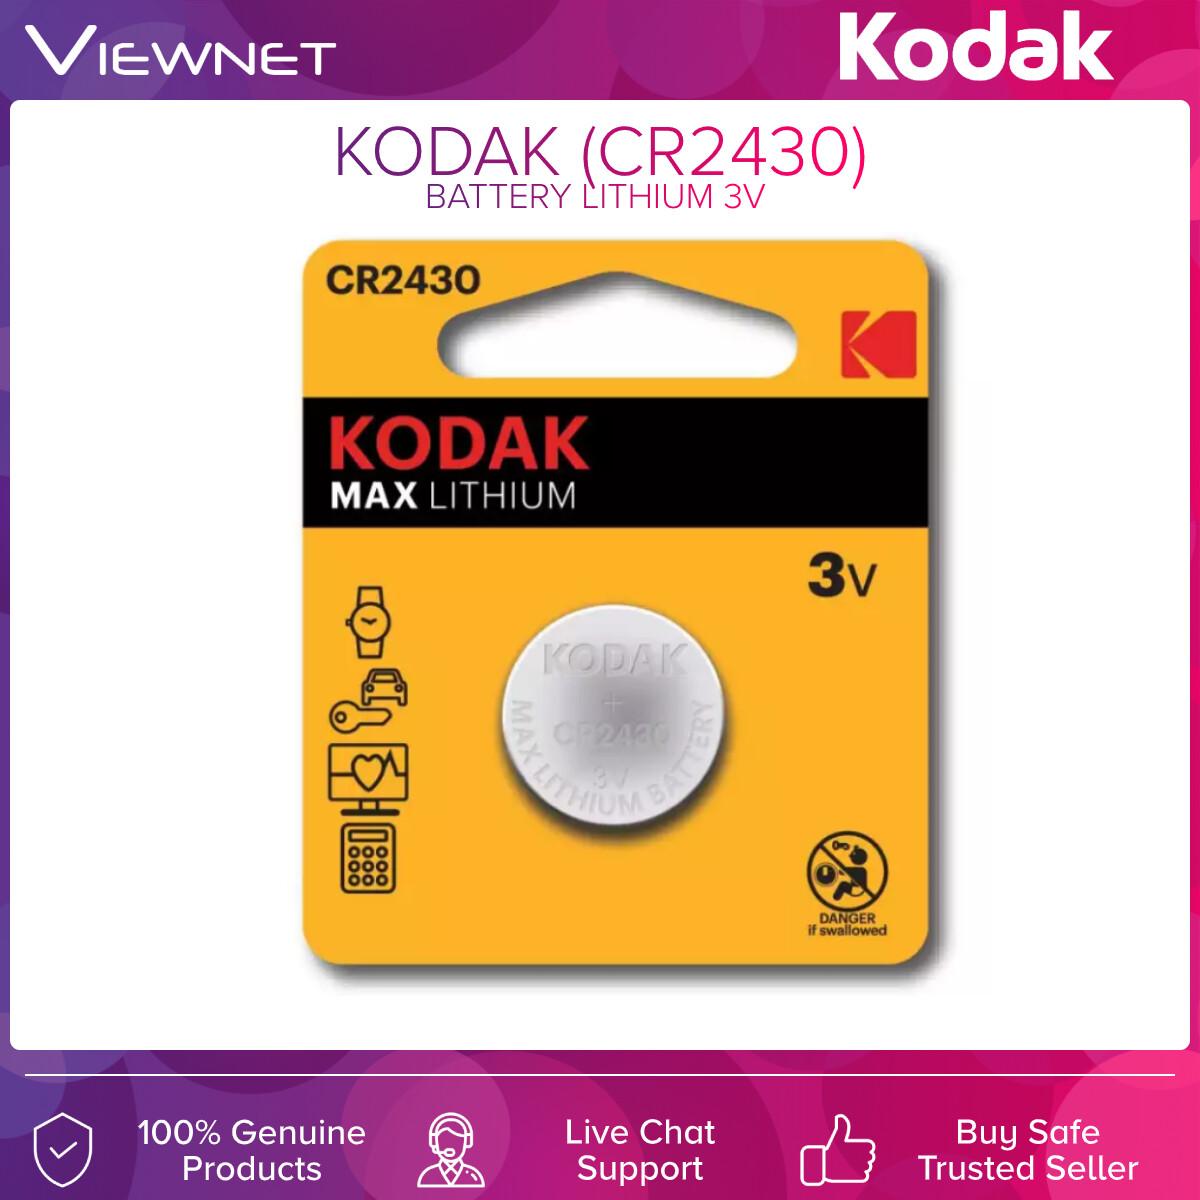 KODAK BATTERY LITHIUM 3V CR2430